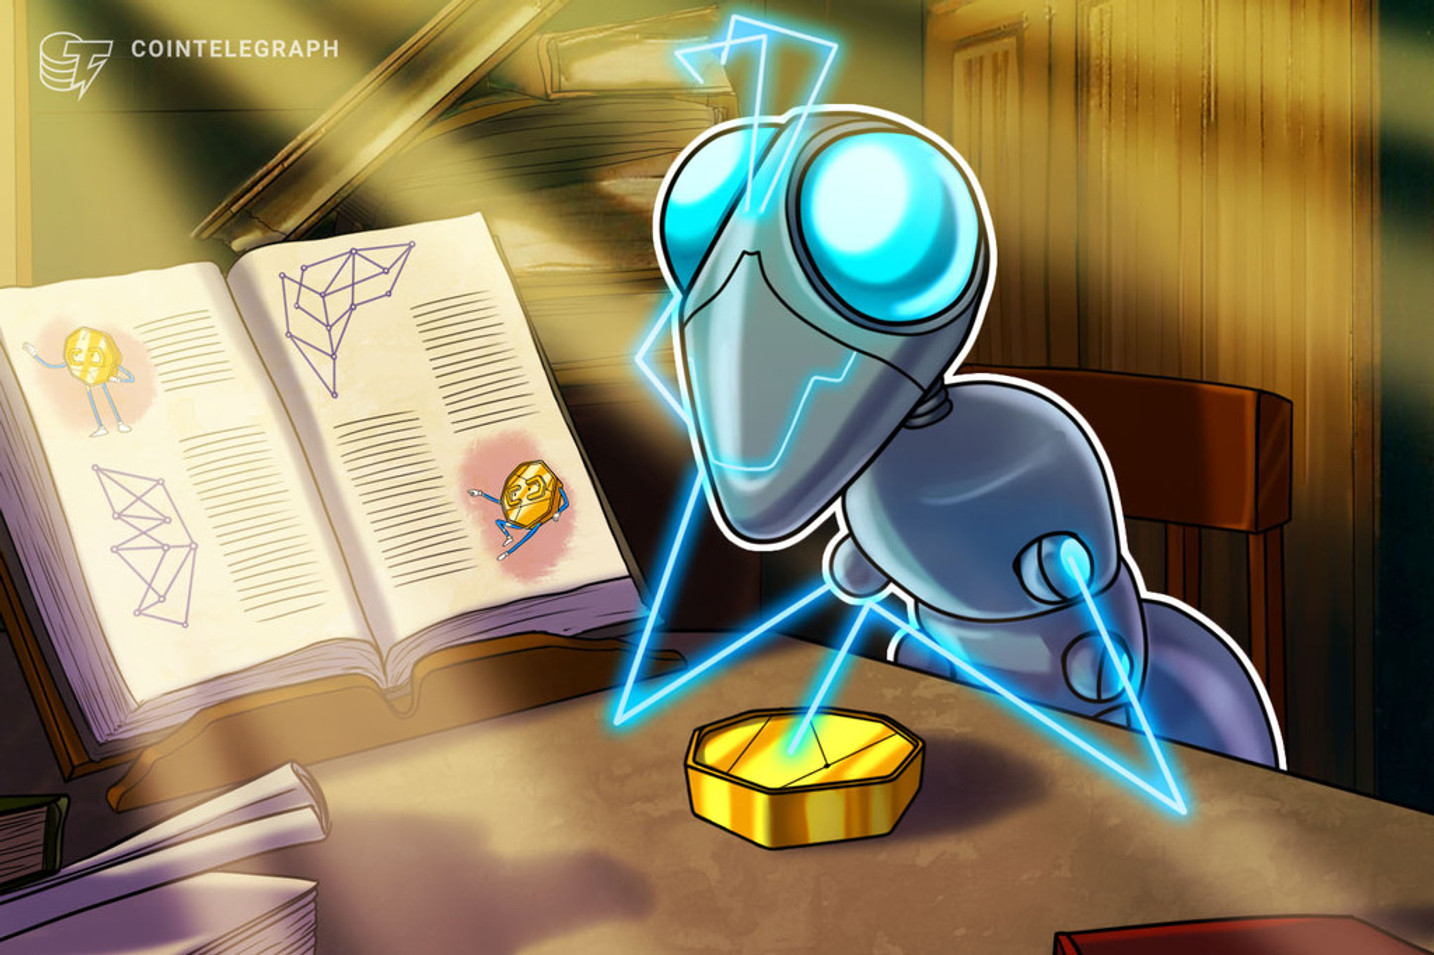 ¿Qué son las 'monedas ciudadanas'? ¿Bitcoin es realmente tan diferente?